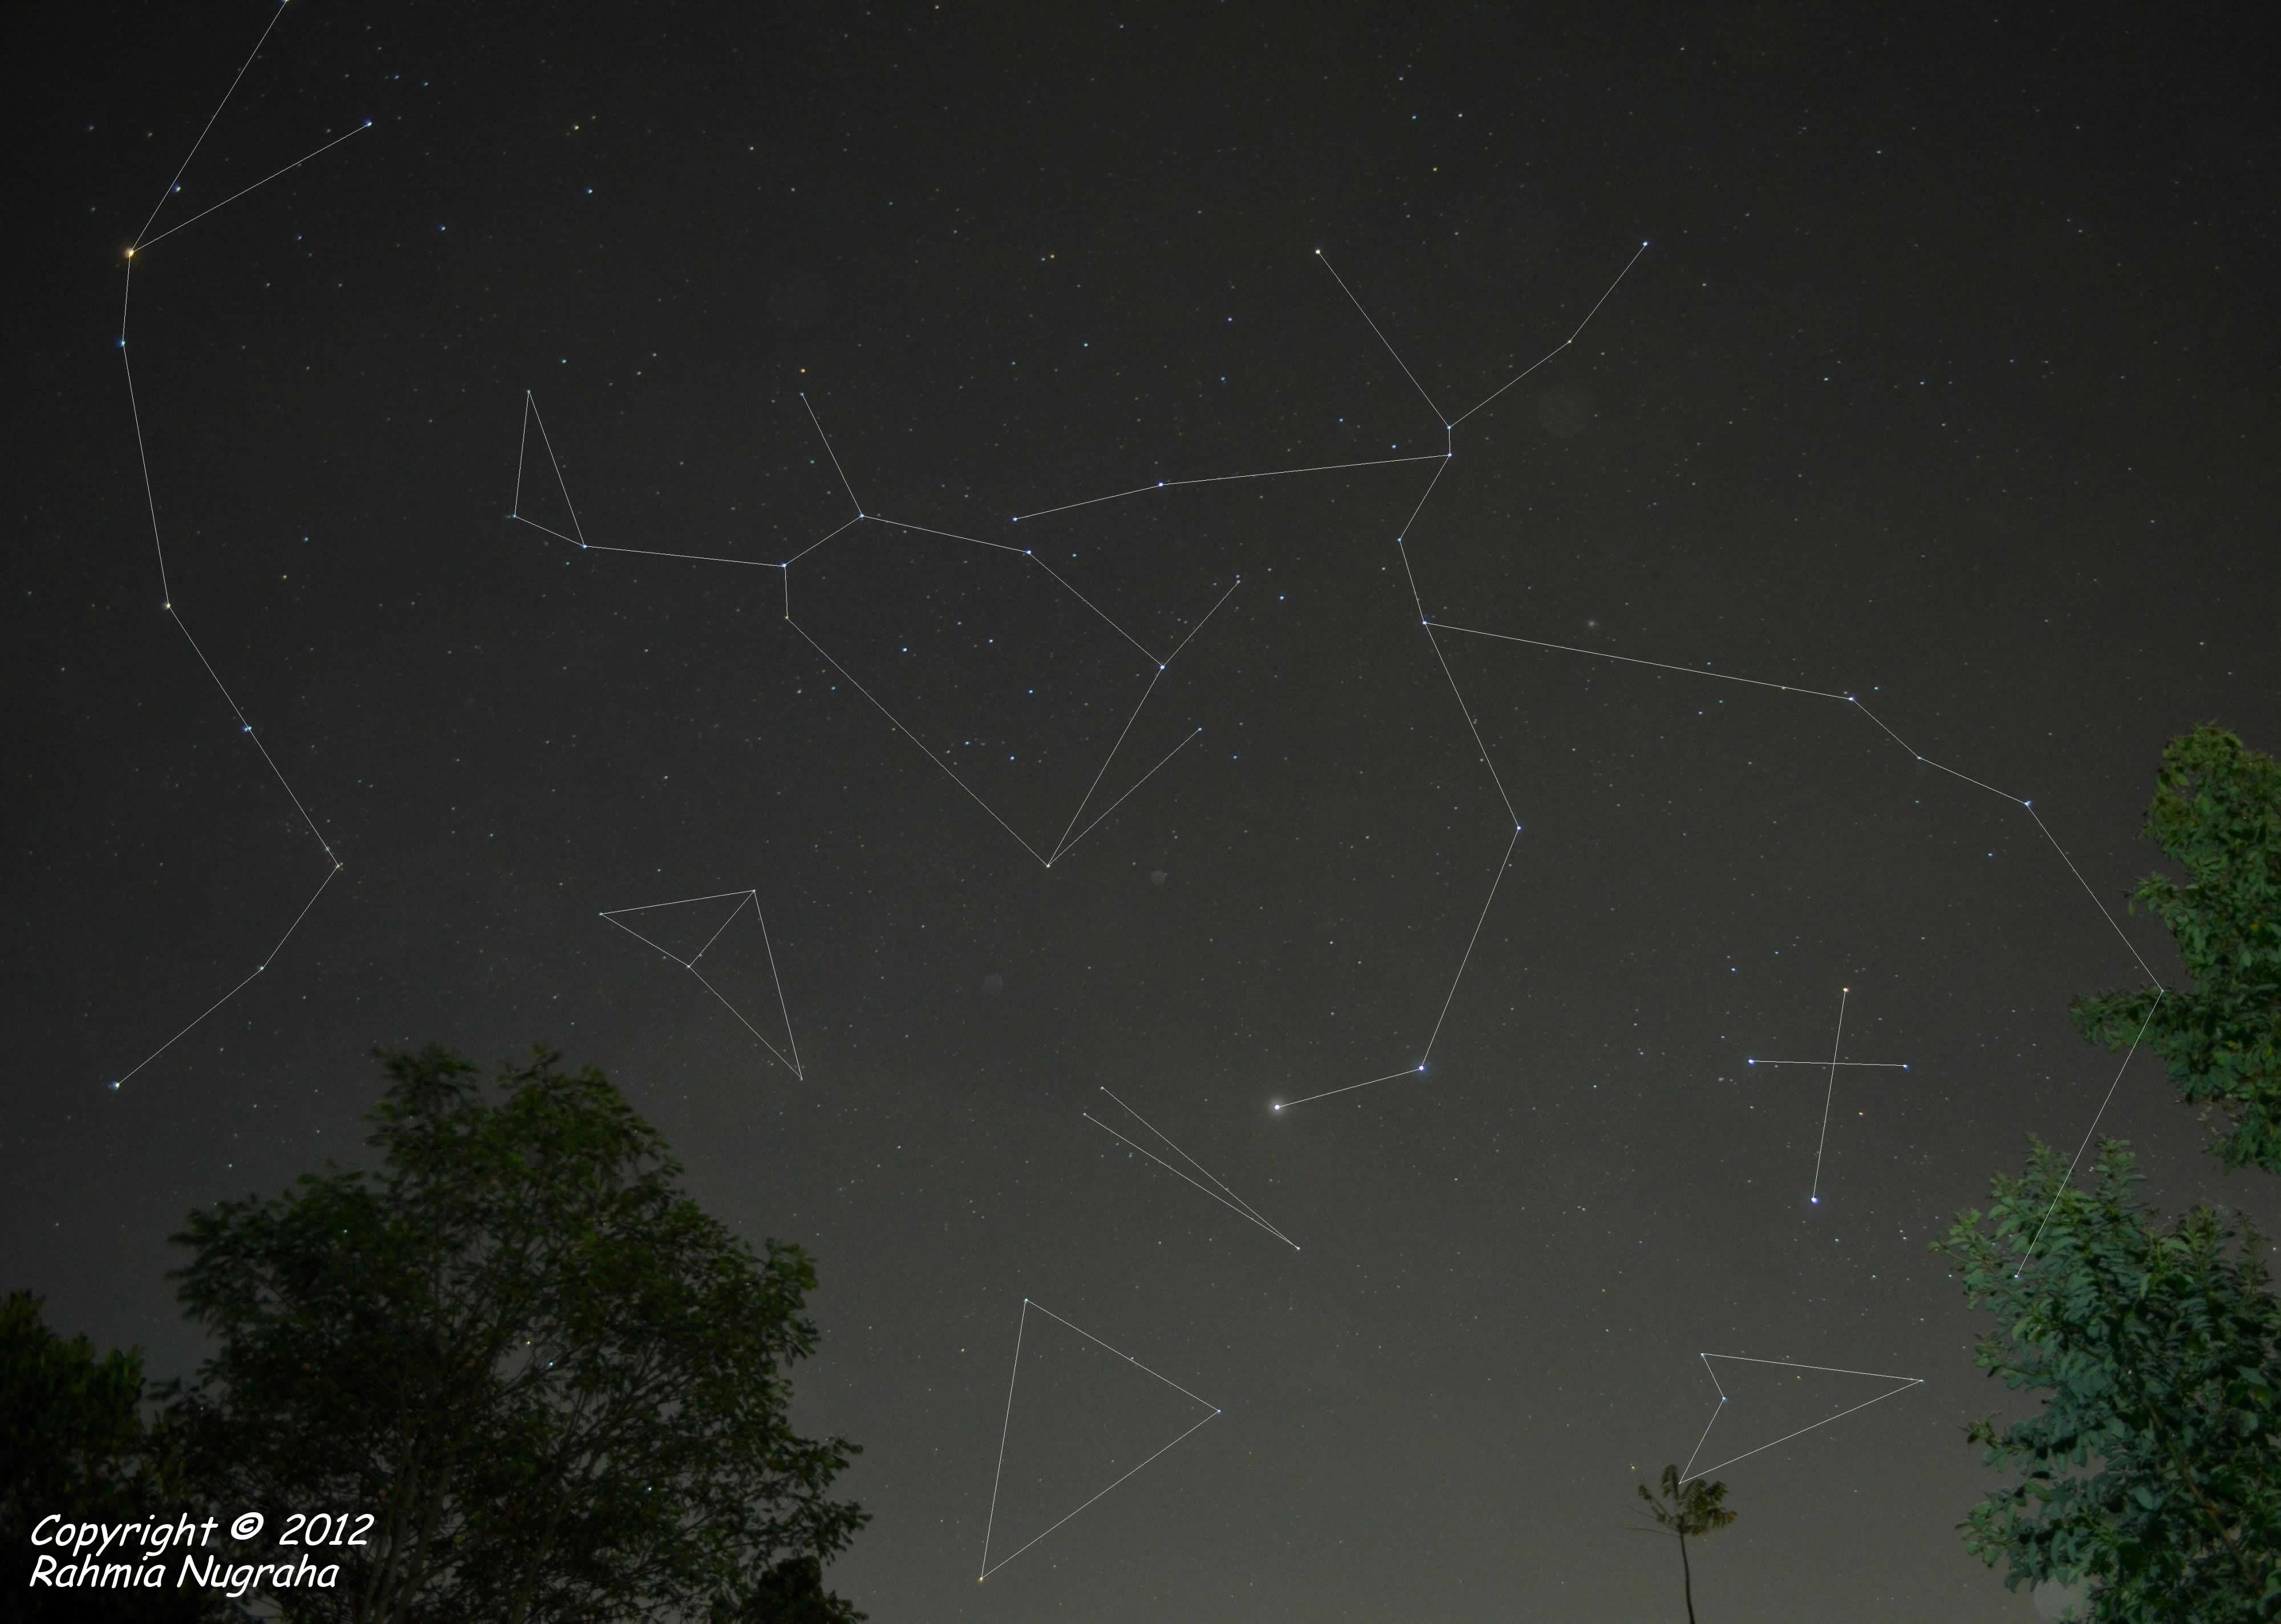 Crux, Centaurus, Lupus, Musca, Circinus, Norma, Triangulum Australis, Scorpio